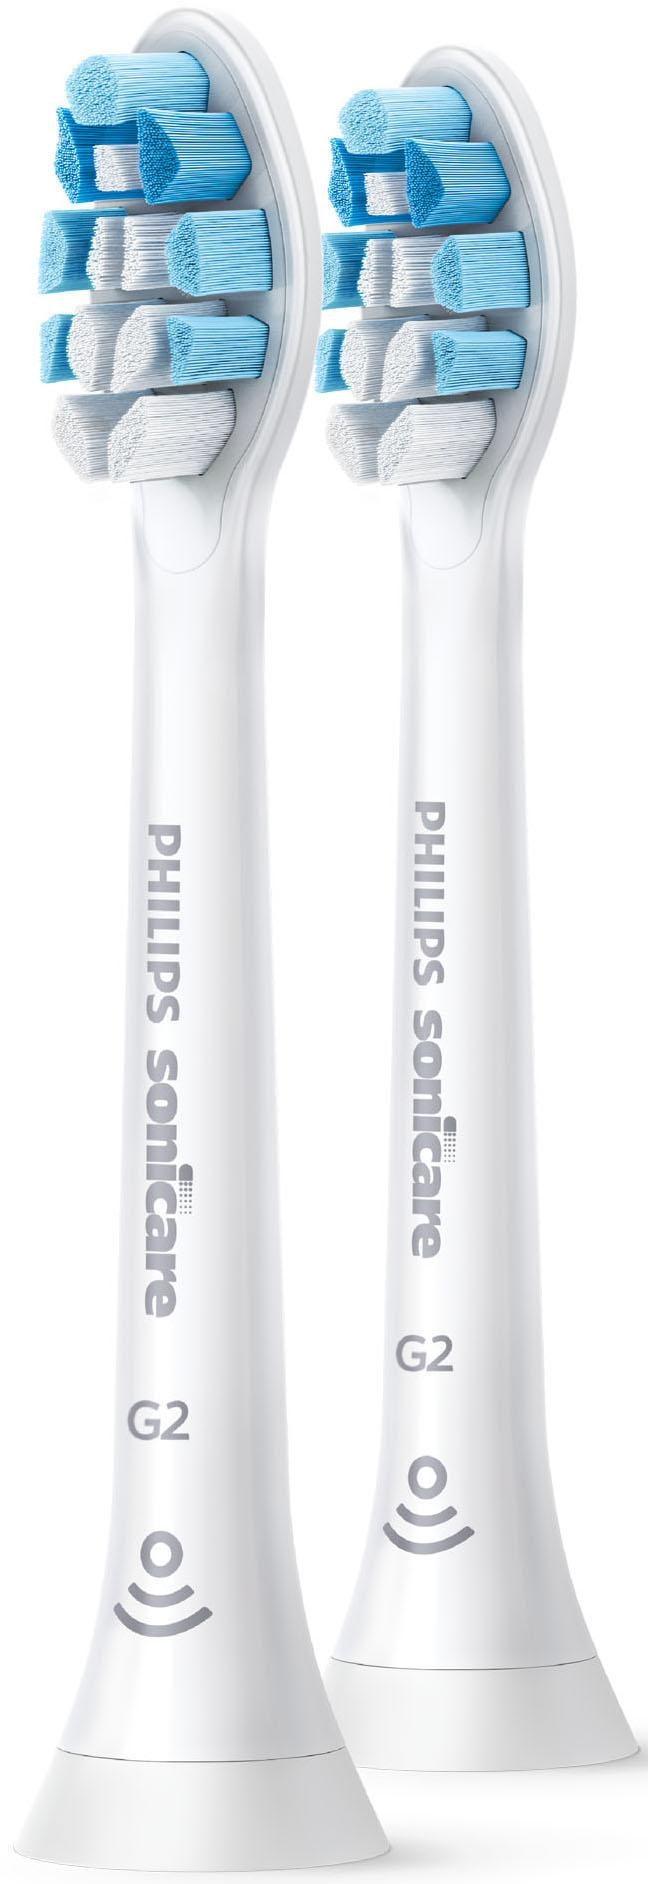 Philips Sonicare Aufsteckbürsten Optimal GumCare